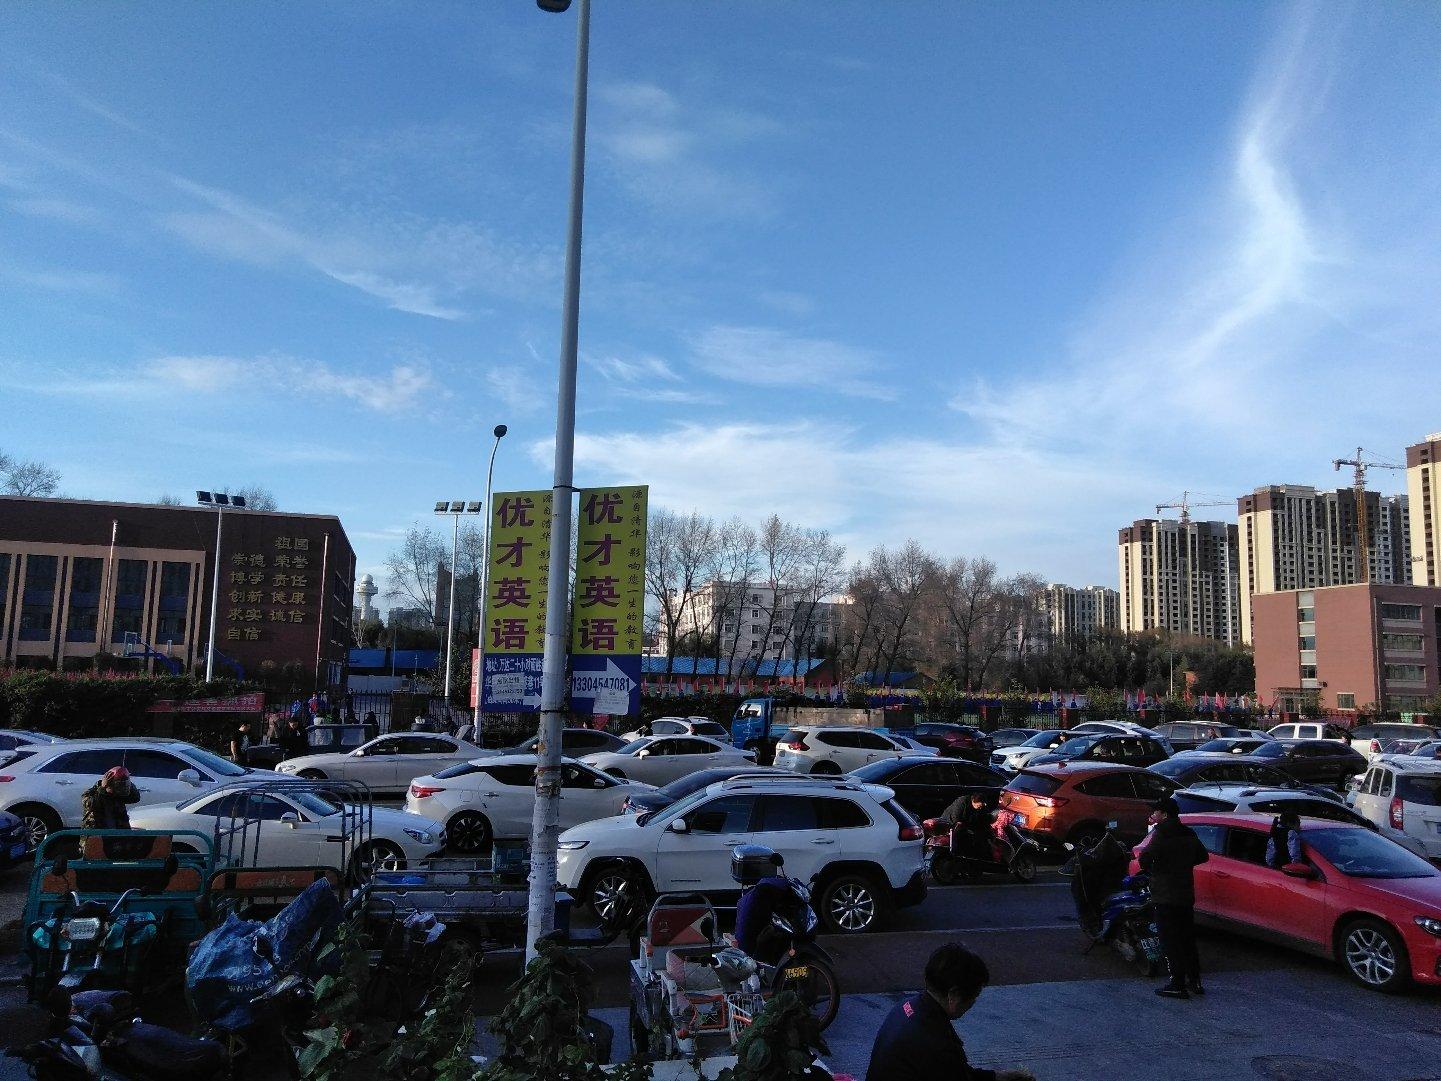 黑龙江省佳木斯市郊区学院街靠近佳木斯市二十中学天气预报